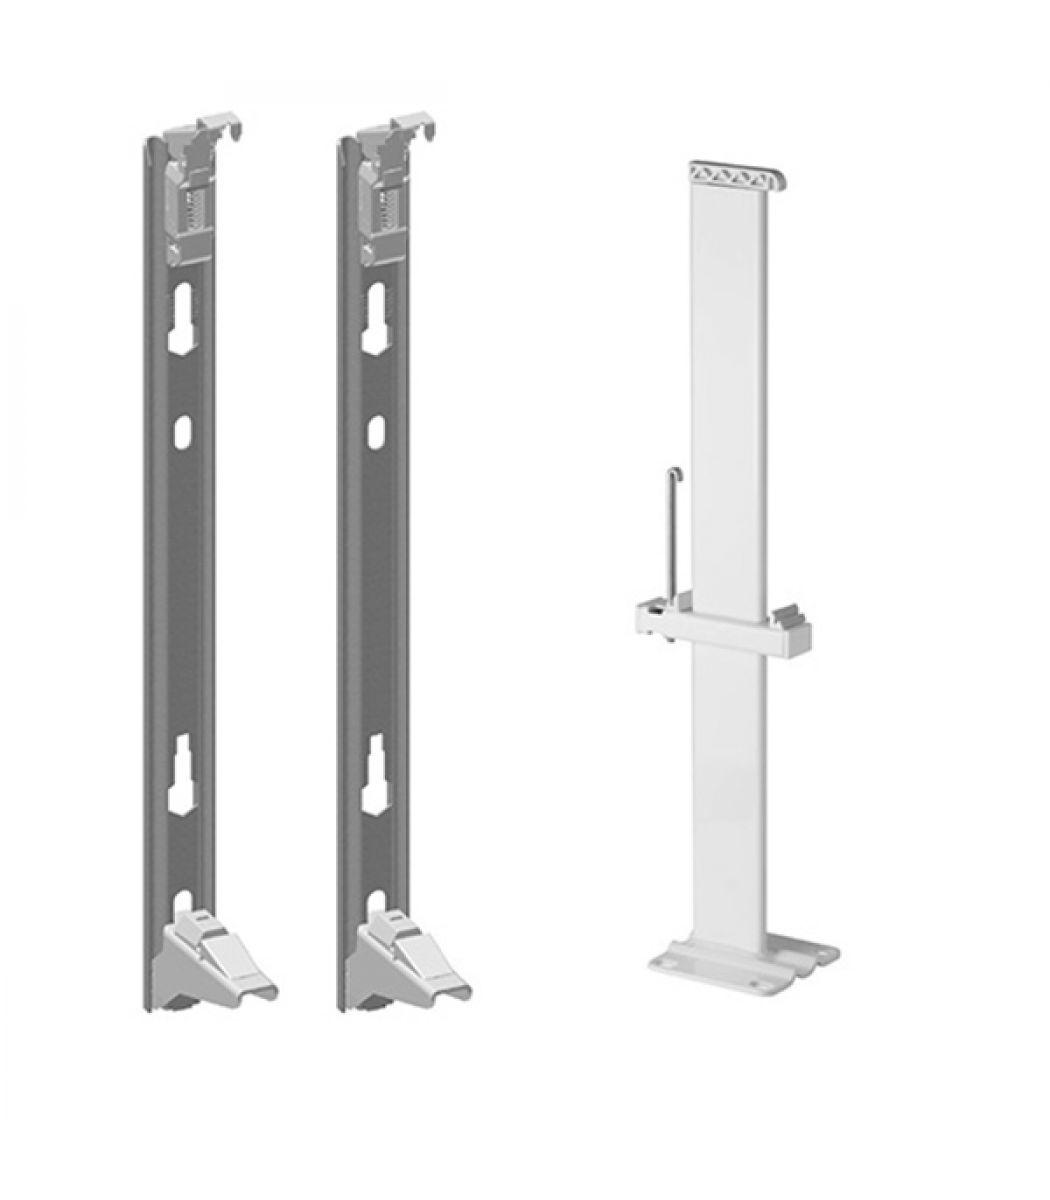 монтажные планки для панельного радиатора